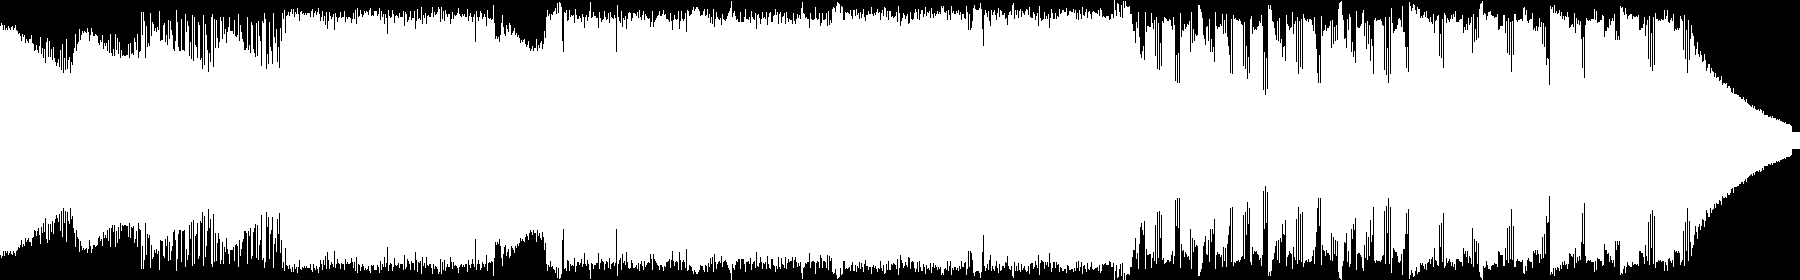 Chrysopoeia audio waveform